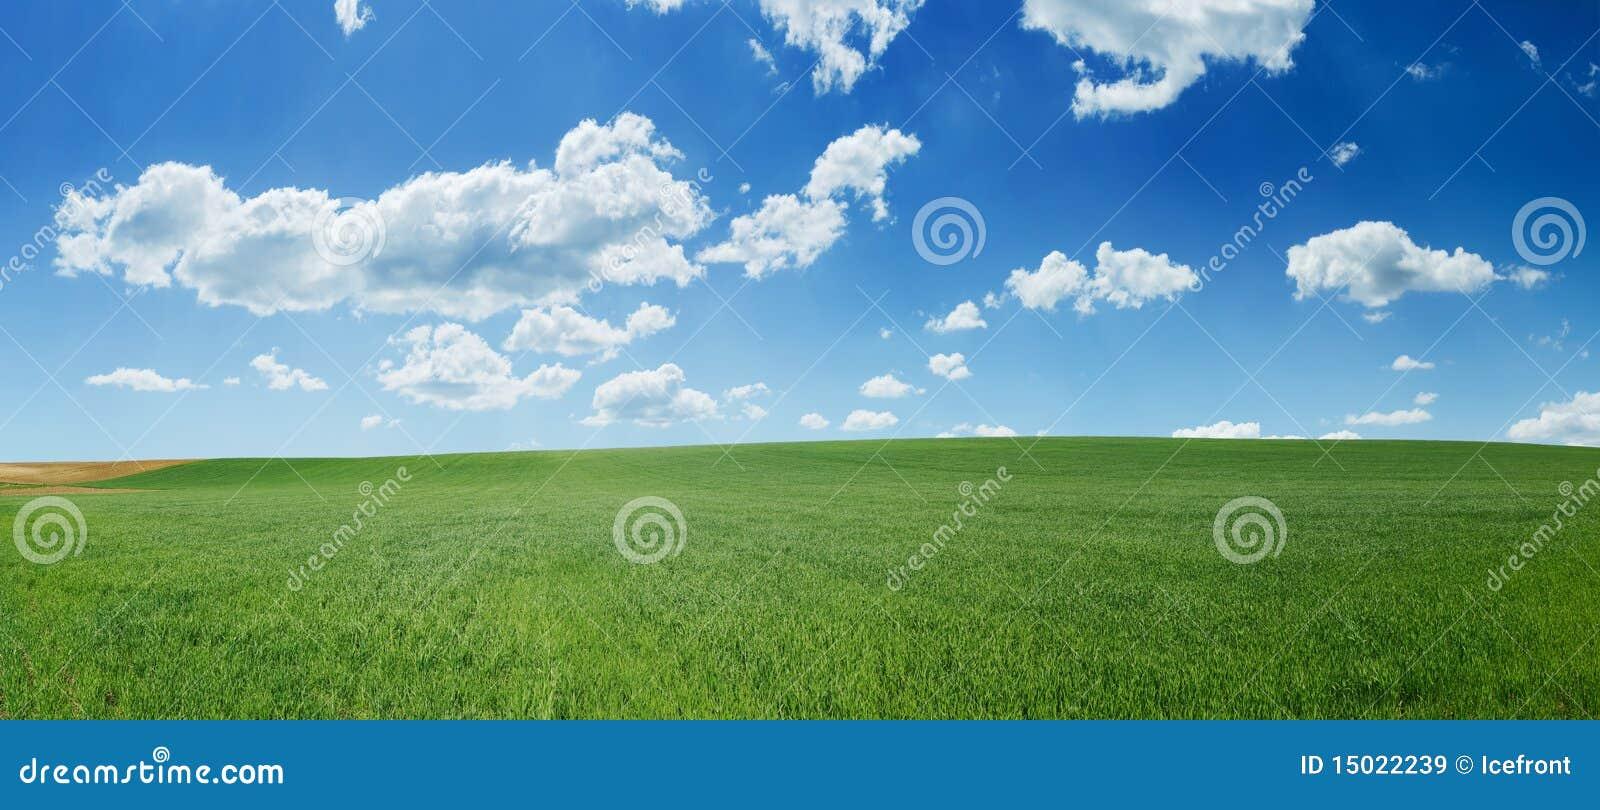 Grünes Weizenfeld und Panorama des blauen Himmels